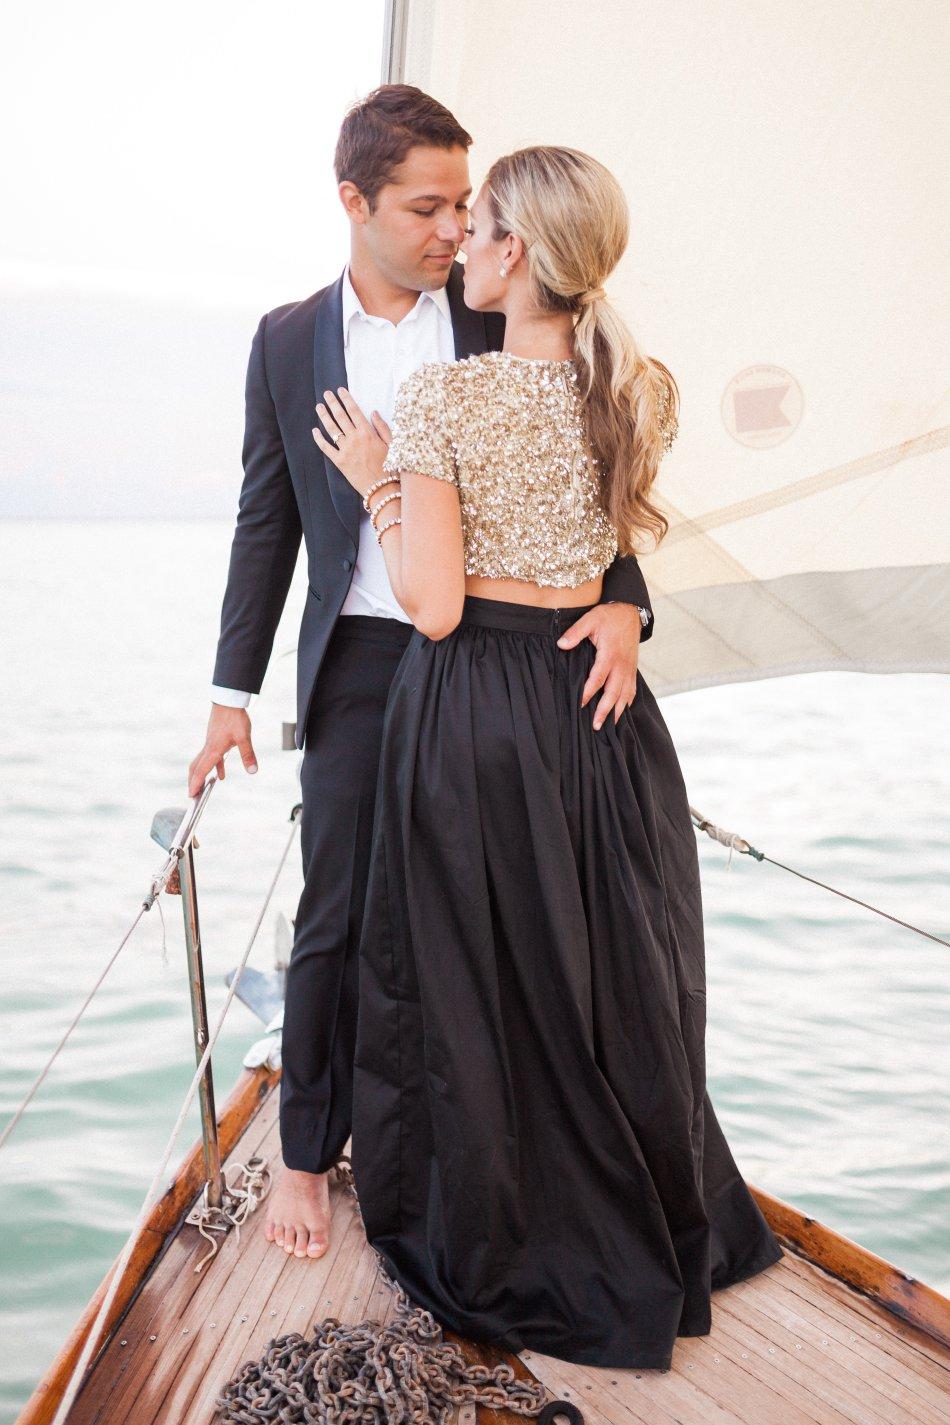 naples-luxury-sailing-engagement-photography-nautical-sailboat-engagement_1051.jpg